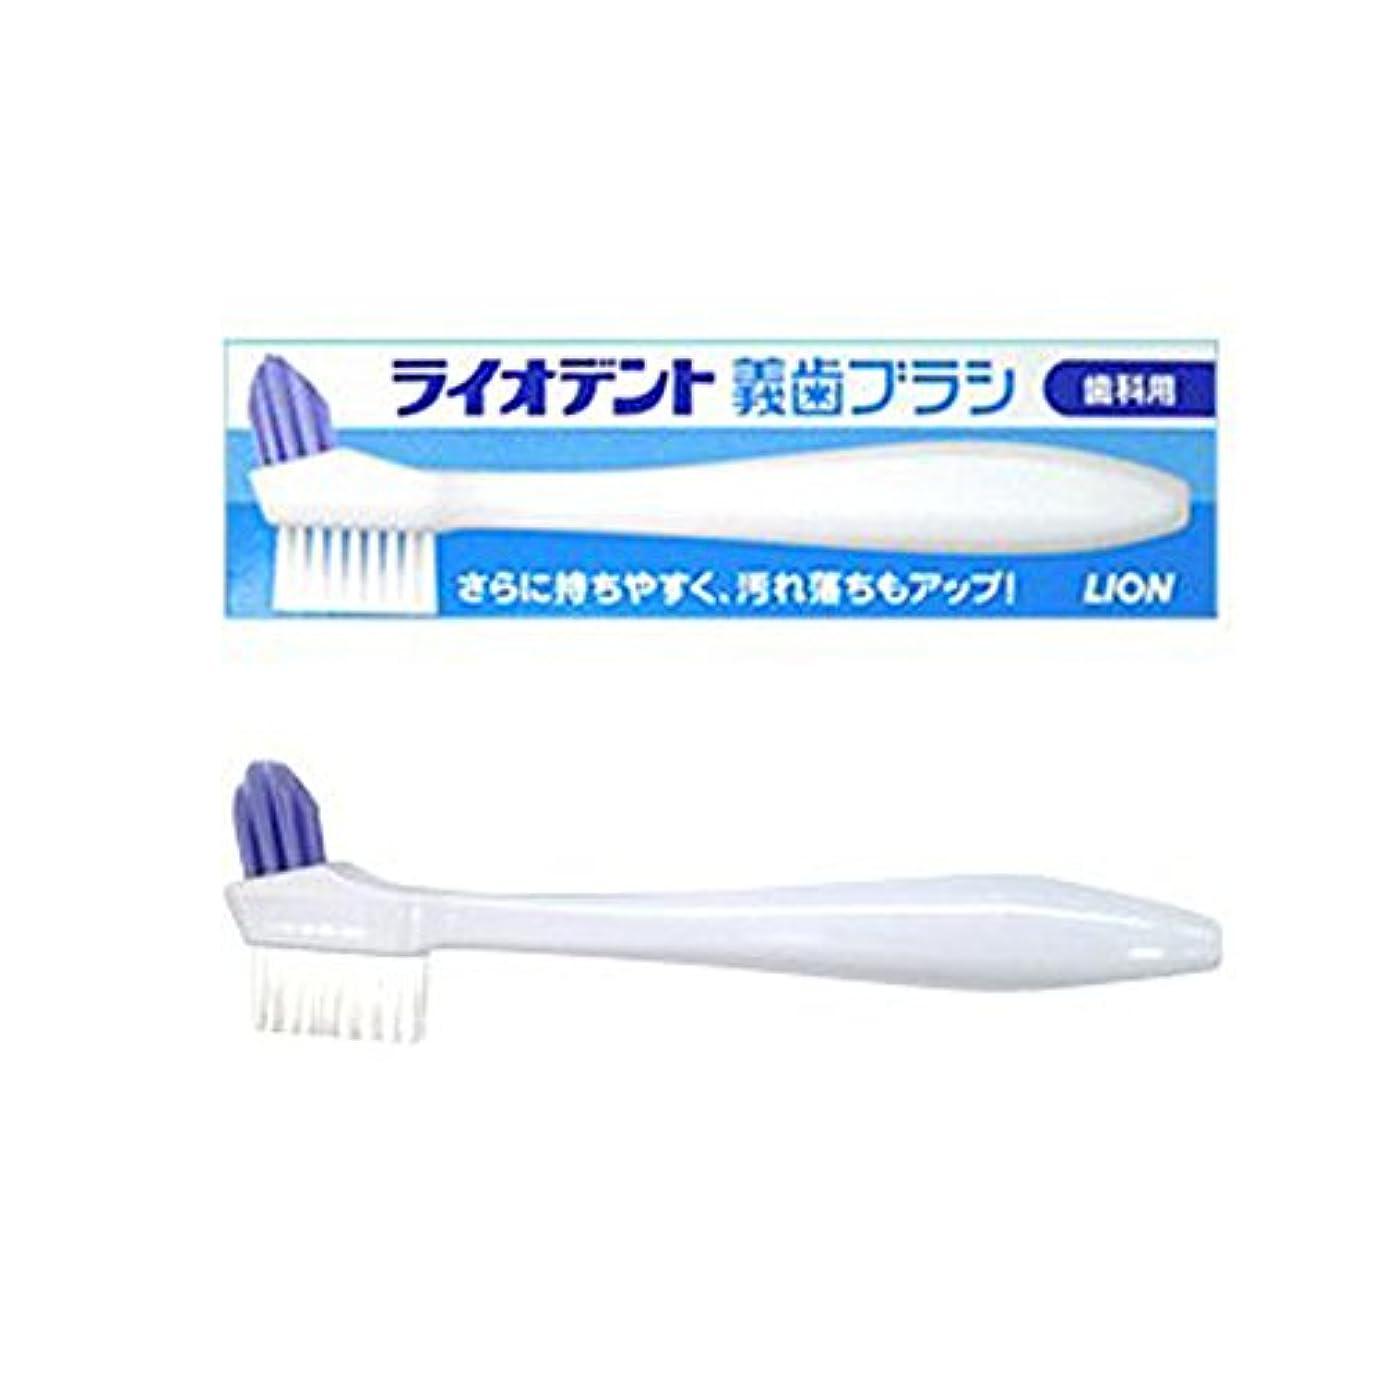 リーチ前置詞ポジションライオデント義歯ブラシ 1本